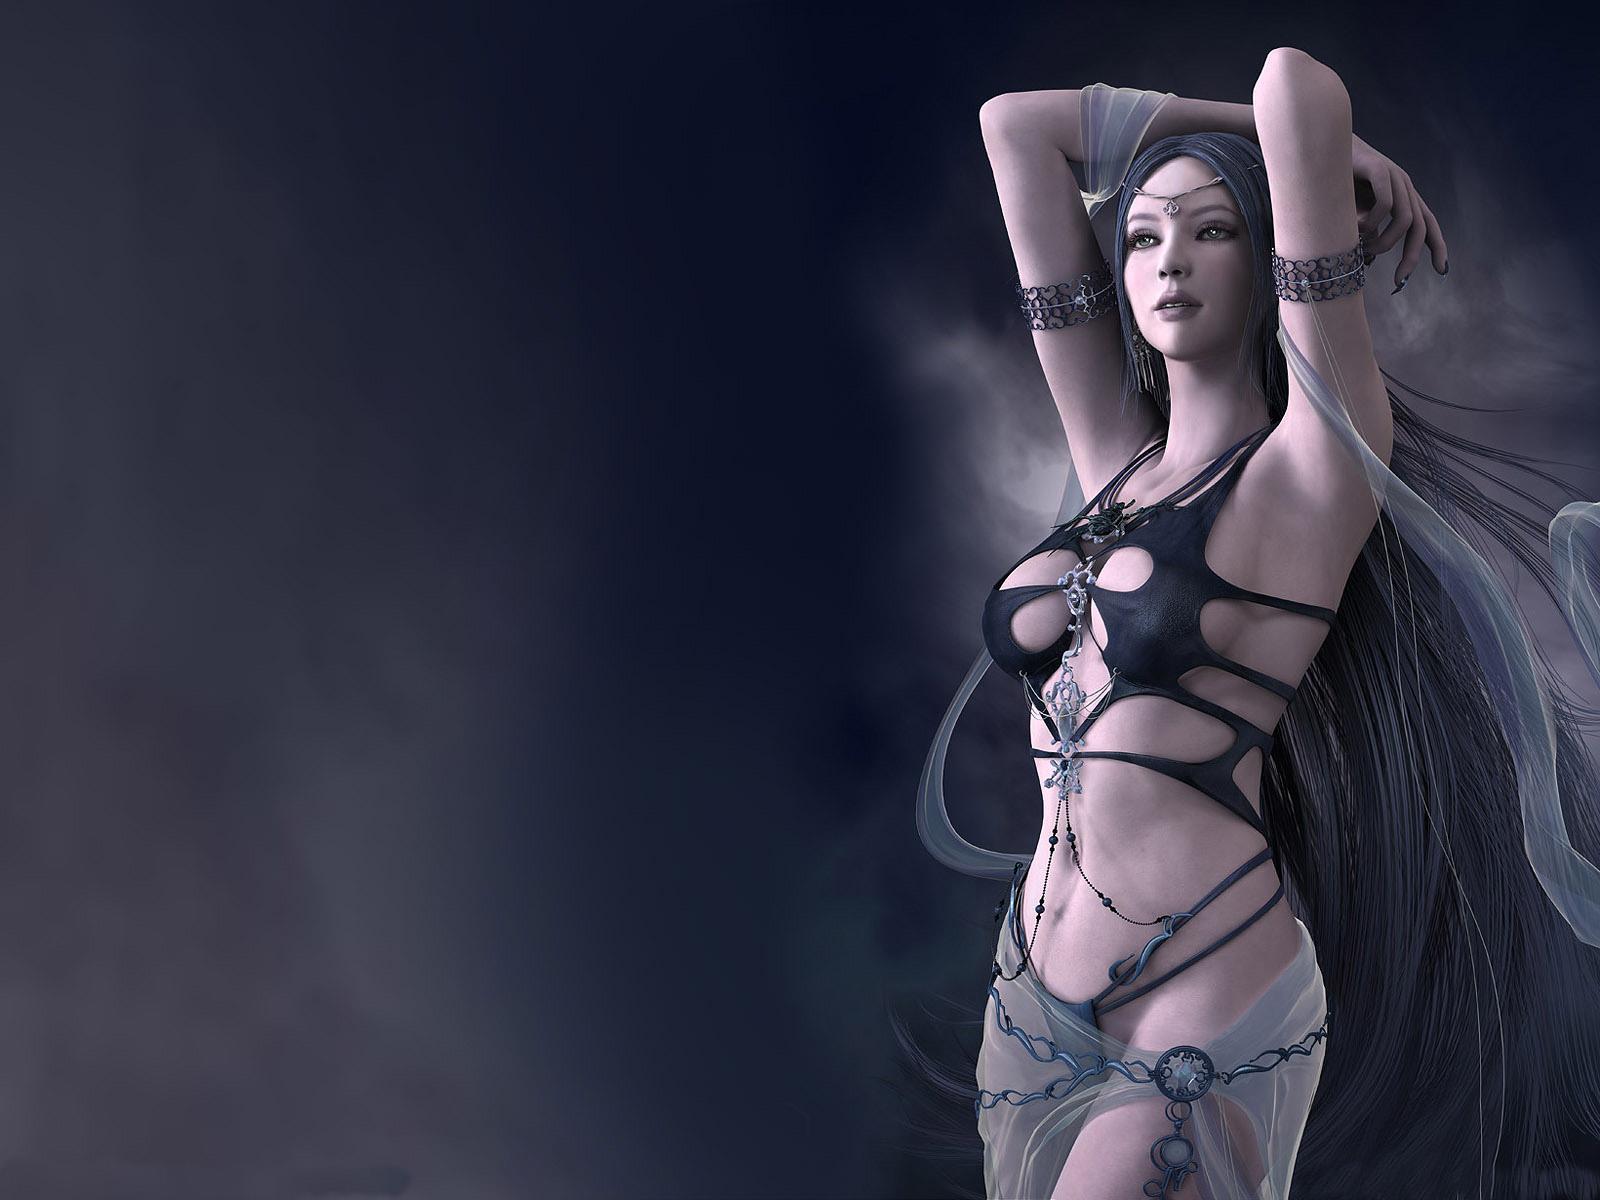 http://1.bp.blogspot.com/_YUuykT-nwiQ/TO3CtAQ7mjI/AAAAAAAAAV8/CxdTknVfmAo/s1600/wallpaper_shaiya_light_and_darkness2.jpg